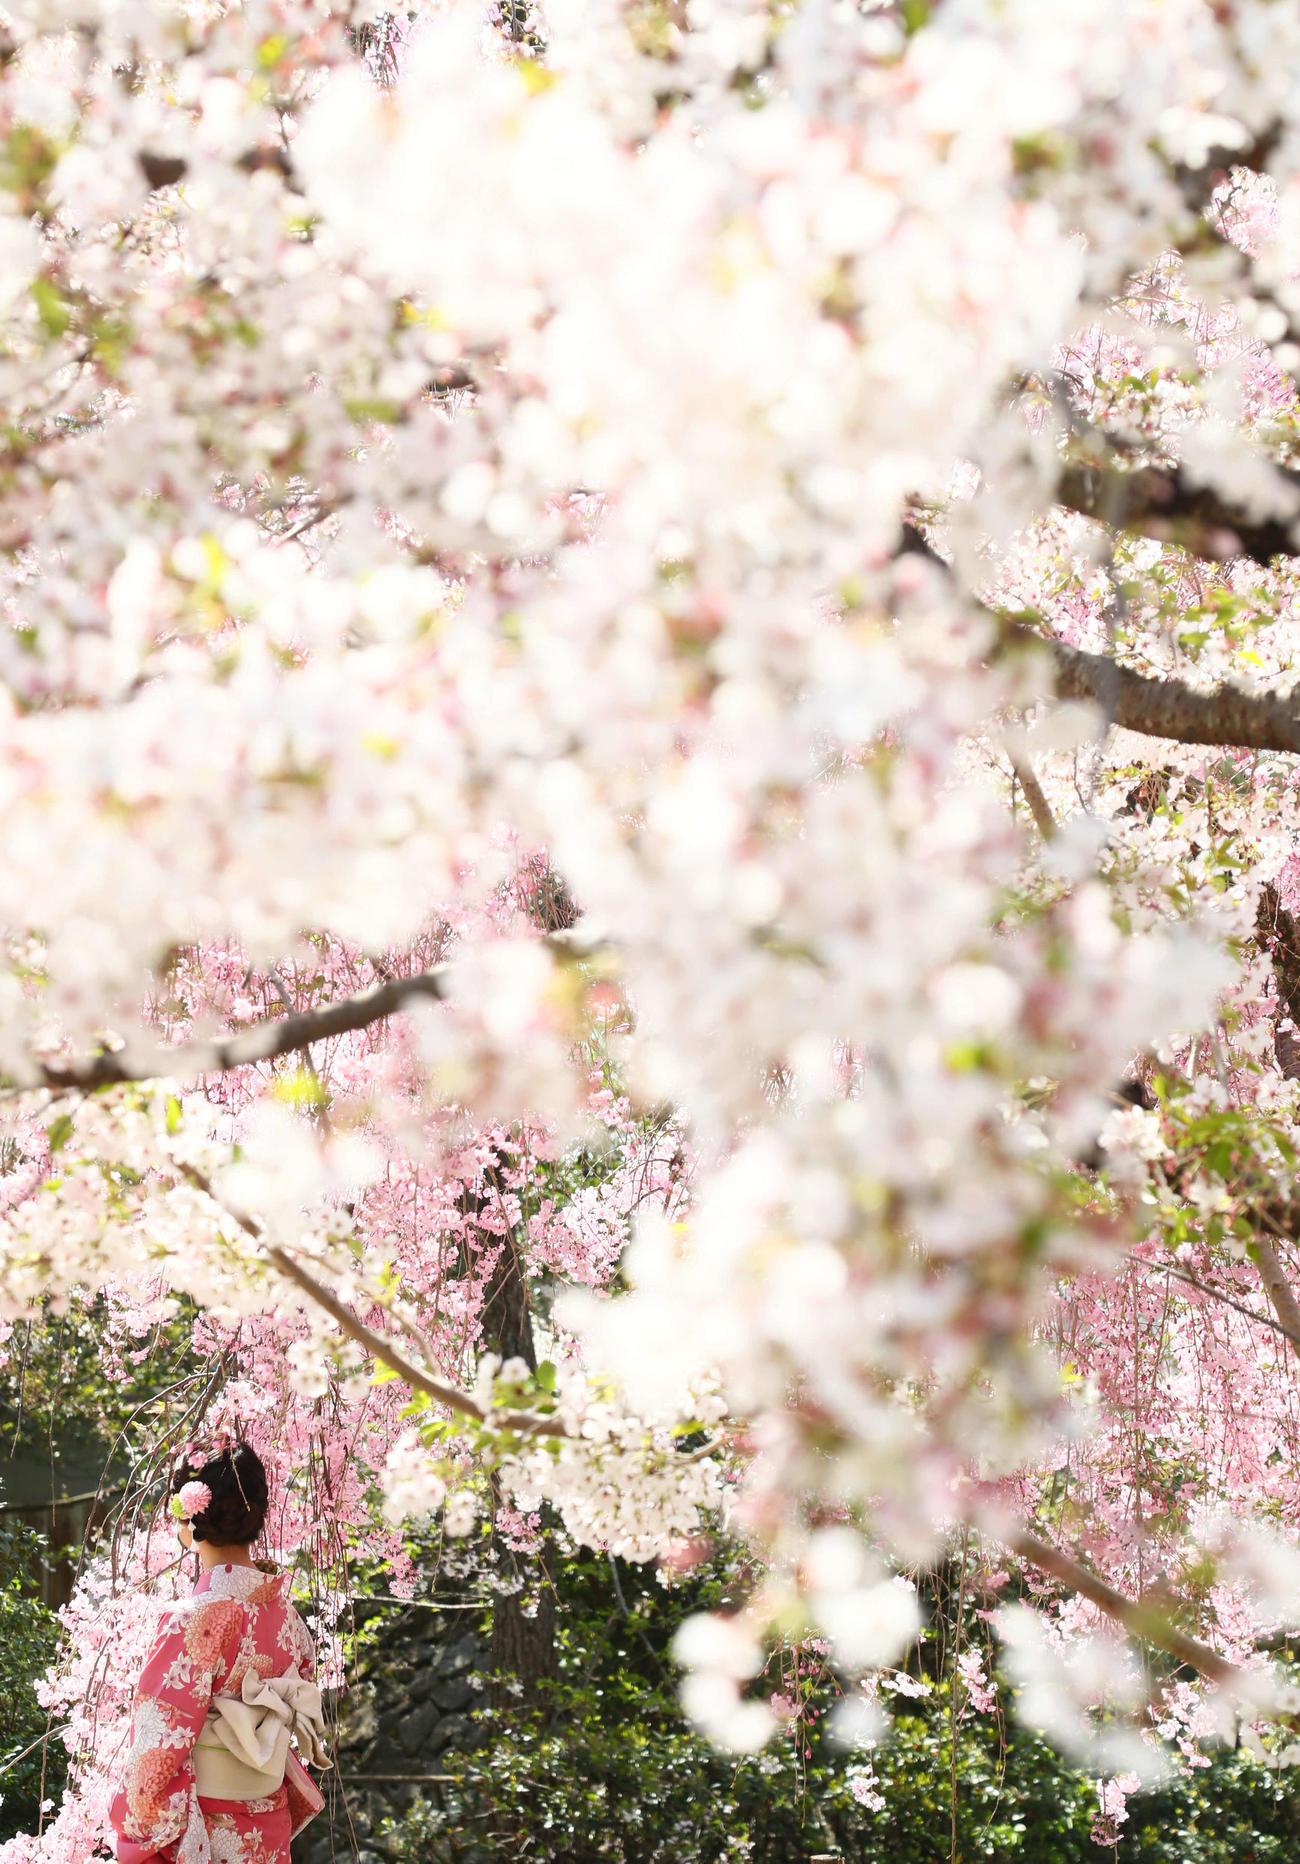 京都の桜が着物の女性を優しく包み込んだ(撮影・足立雅史)